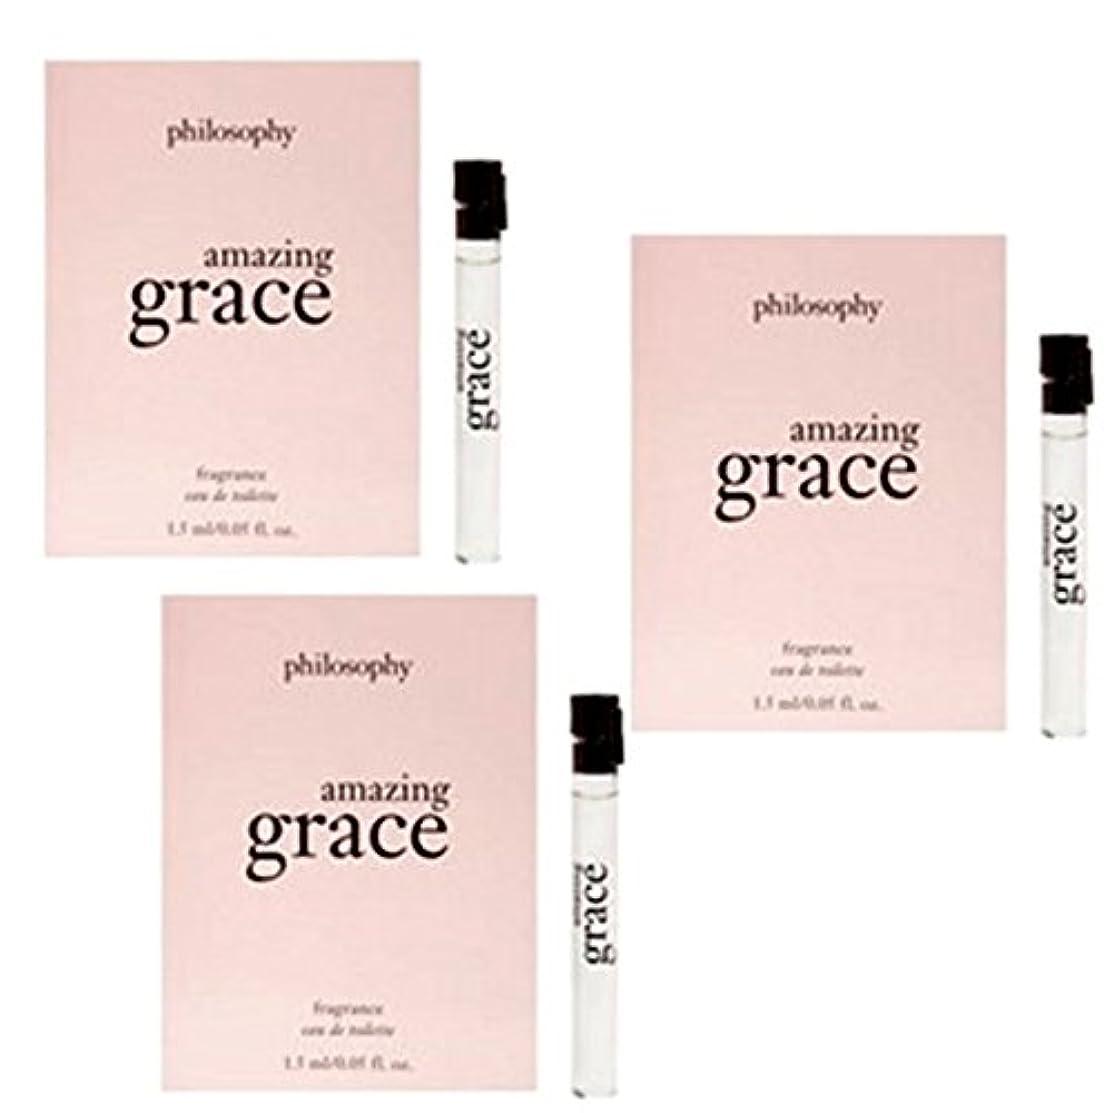 ラグ飲食店広告主philosophy (フィロソフィー), Amazing Grace Eau de Toilette Travel Size, 1.5ml 3/set [海外直送品] [並行輸入品]